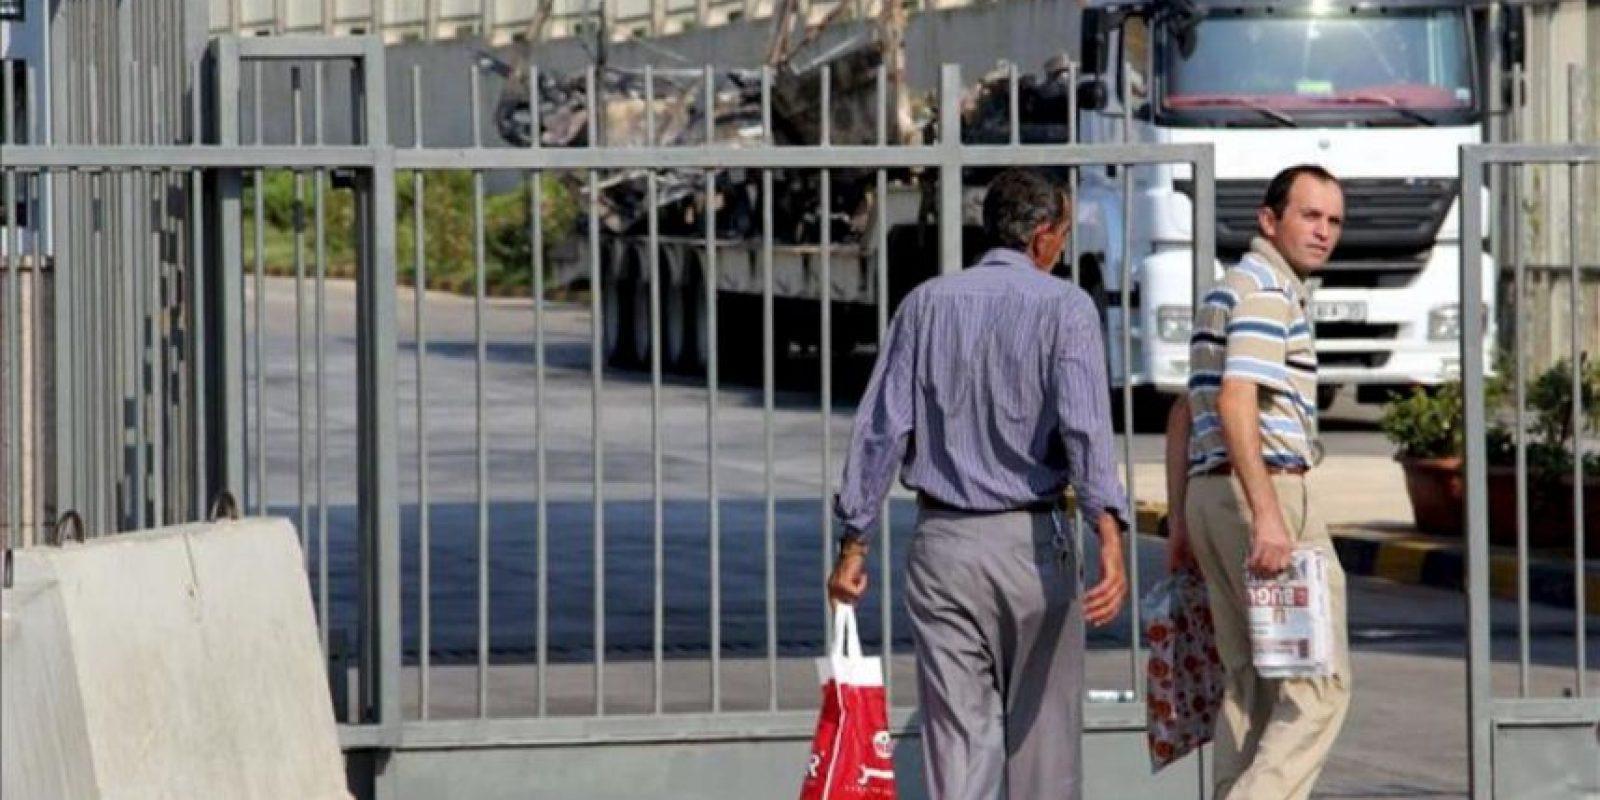 Imagen tomada el 24 de julio, en la que dos peatones cruzan el puesto fronterizo de Reyhanli (Turquía-Siria), que permanece cerrado al tráfico rodado. EFE